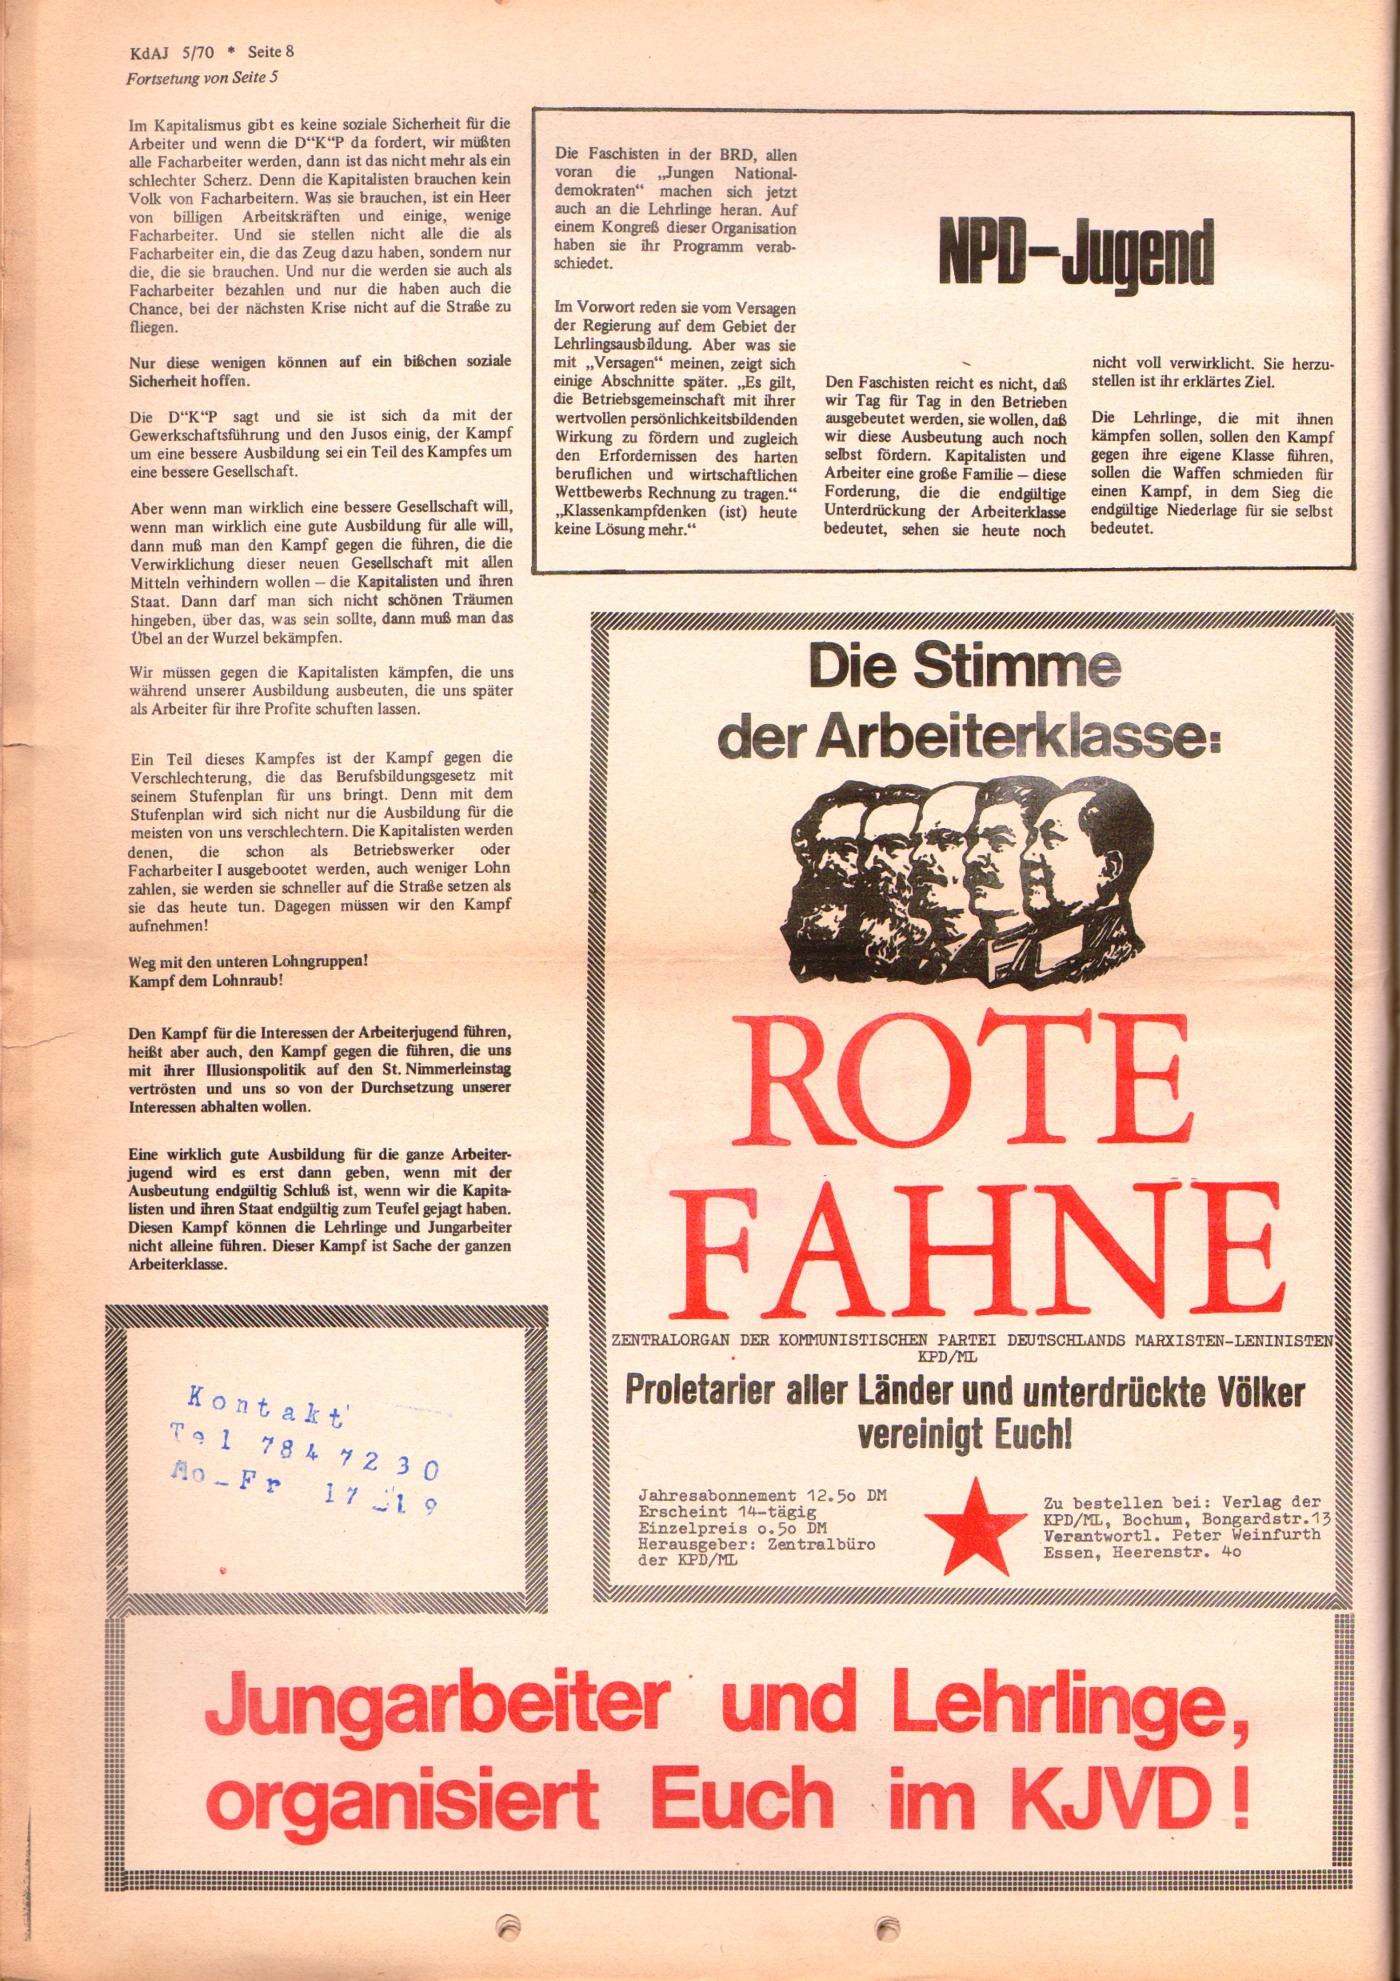 KDAJ, 1. Jg., November 1970, Nr. 5, Seite 8